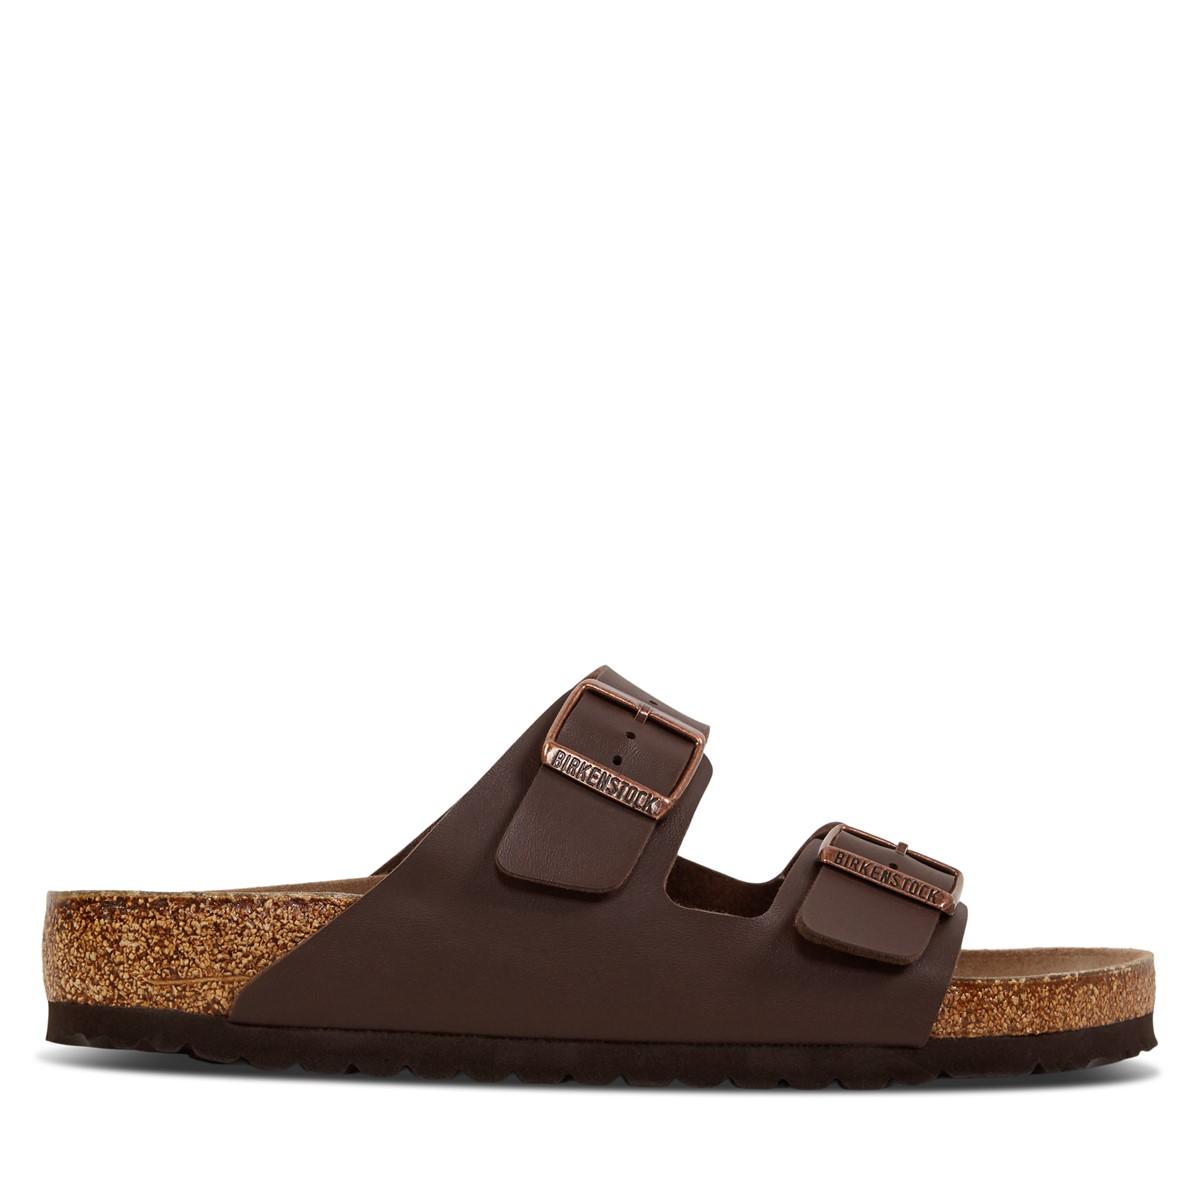 c9e1a7785c6e Men s Arizona Sandals in Brown. Previous. default view  ALT1  ATL2